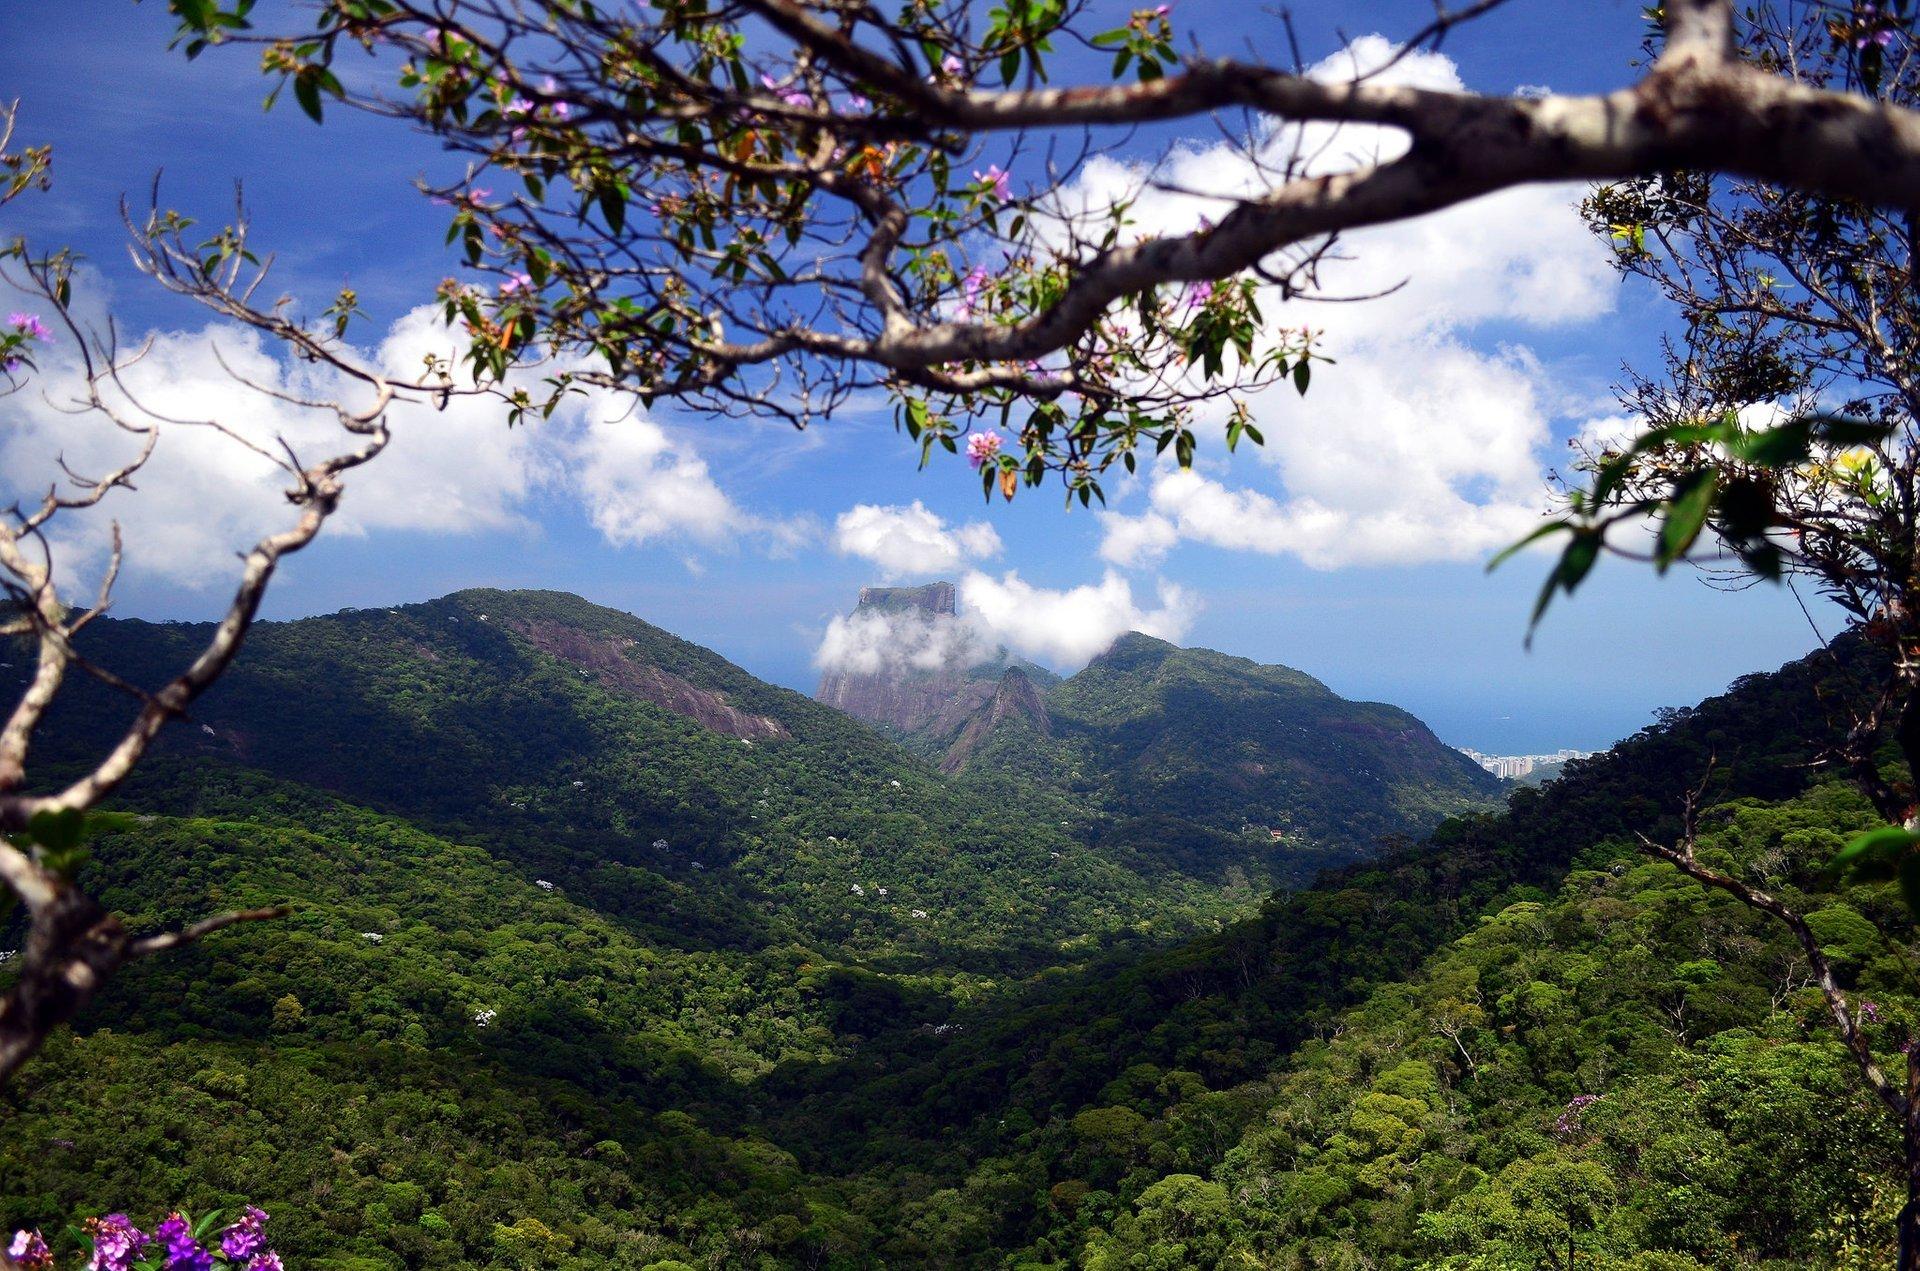 Tijuca Forest in Rio de Janeiro 2020 - Best Time